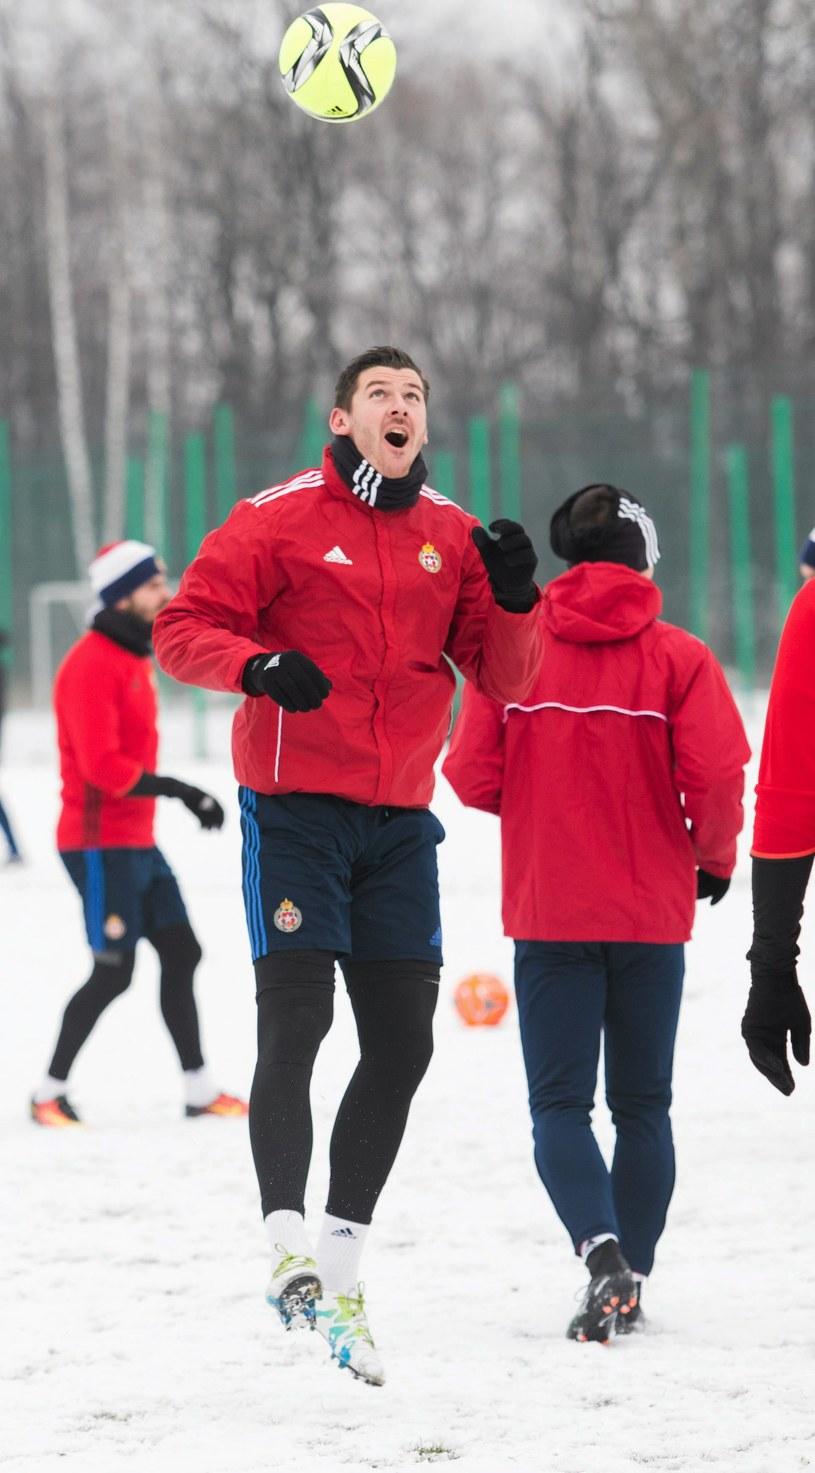 Łukasz Załuska woli trenować w ciepłej Turcji, niż zaśnieżonej Polsce. /Michał Łepecki /